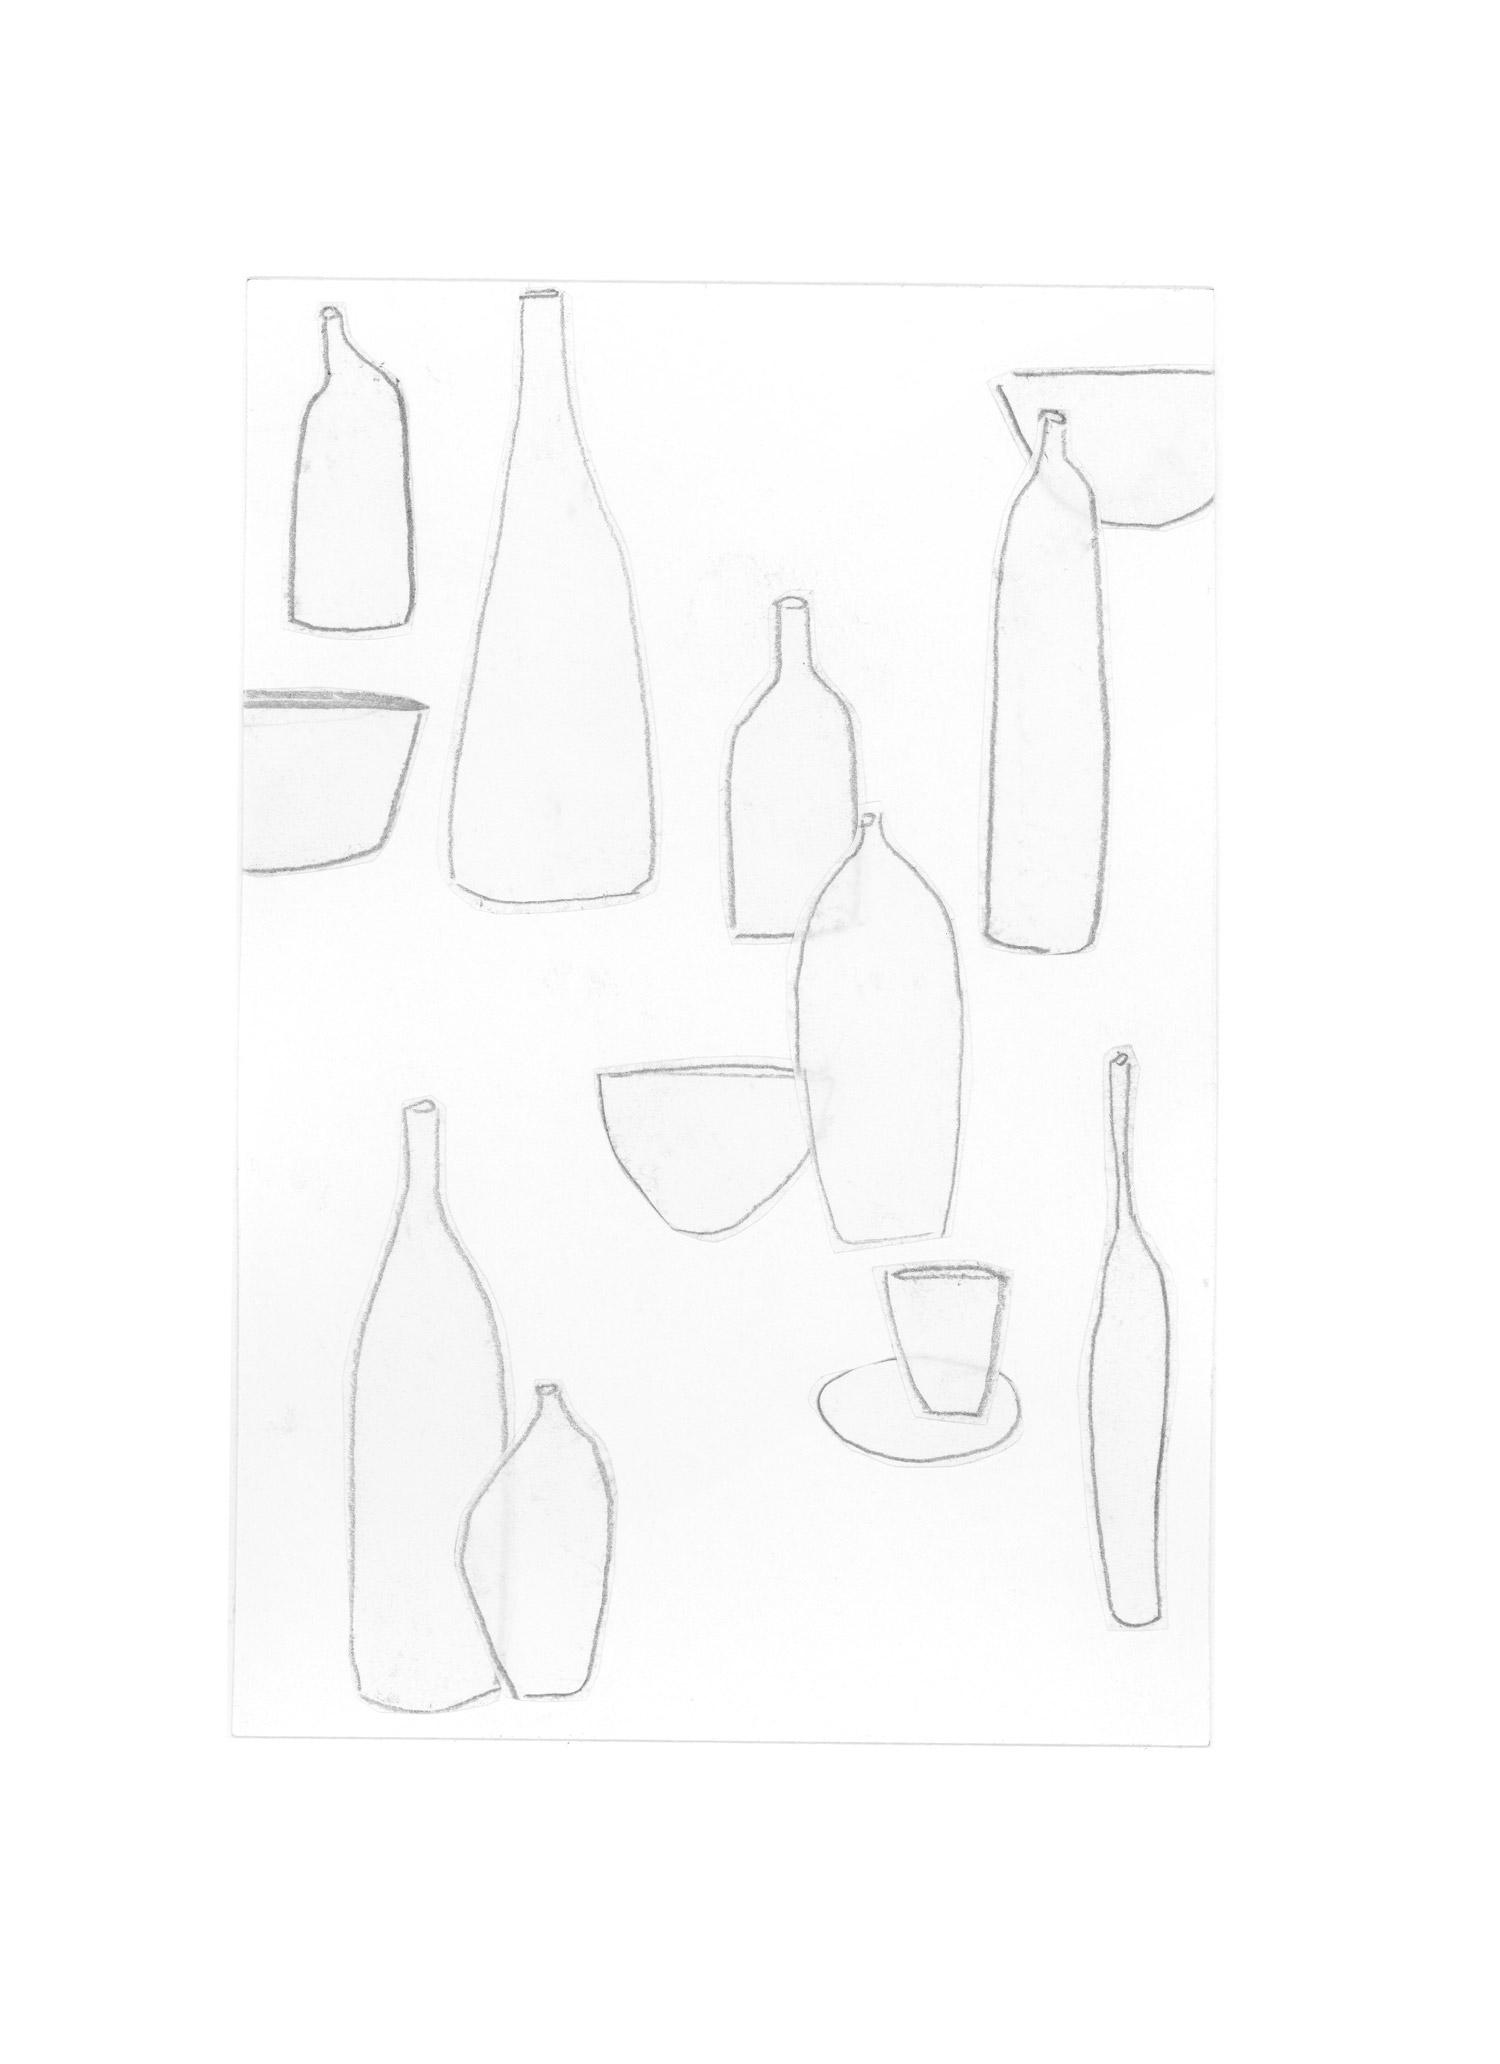 mediterranean bottles collage series, collage no. 4